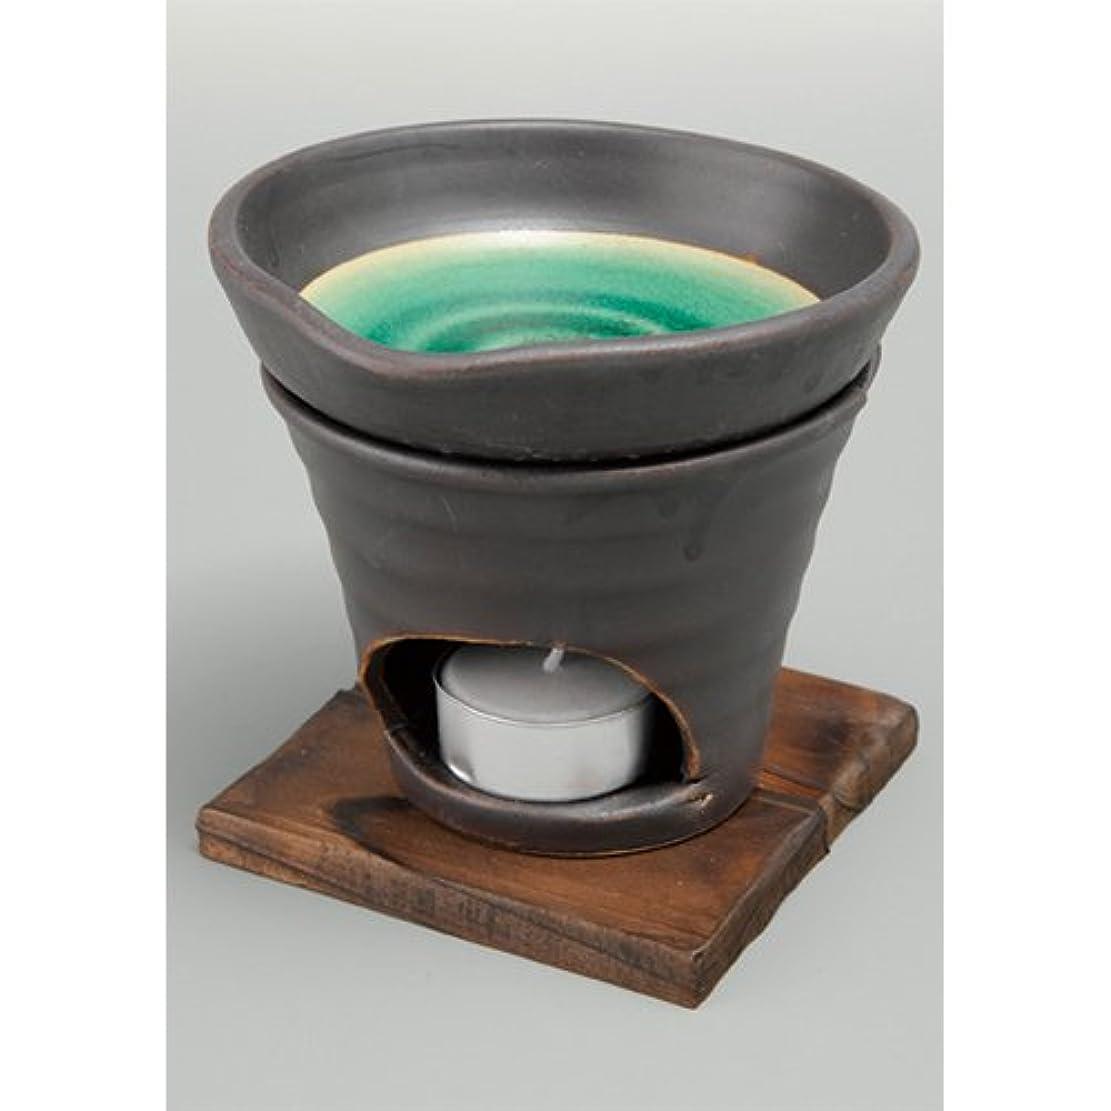 スリム展開する結晶香炉 黒釉 茶香炉(緑) [R11.8xH11.5cm] HANDMADE プレゼント ギフト 和食器 かわいい インテリア